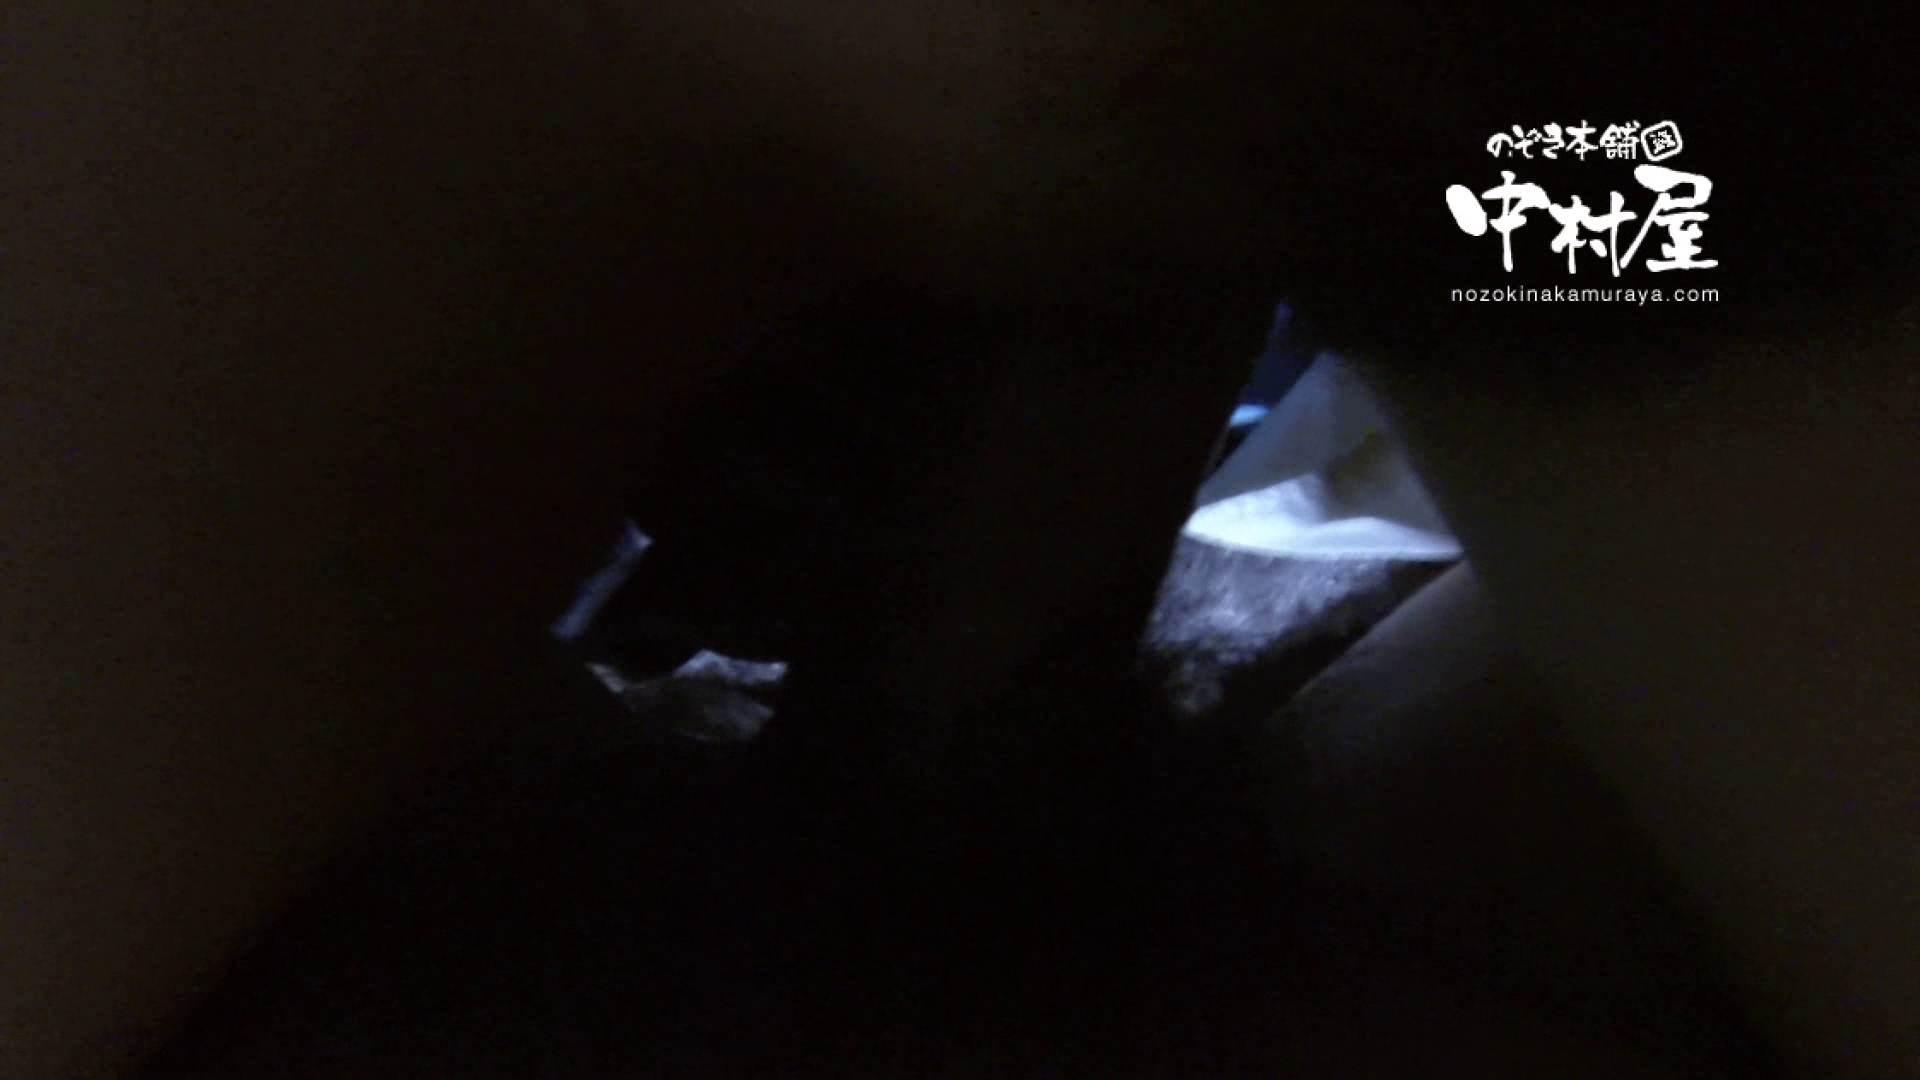 鬼畜 vol.12 剥ぎ取ったら色白でゴウモウだった 後編 OLセックス | 鬼畜  86画像 7